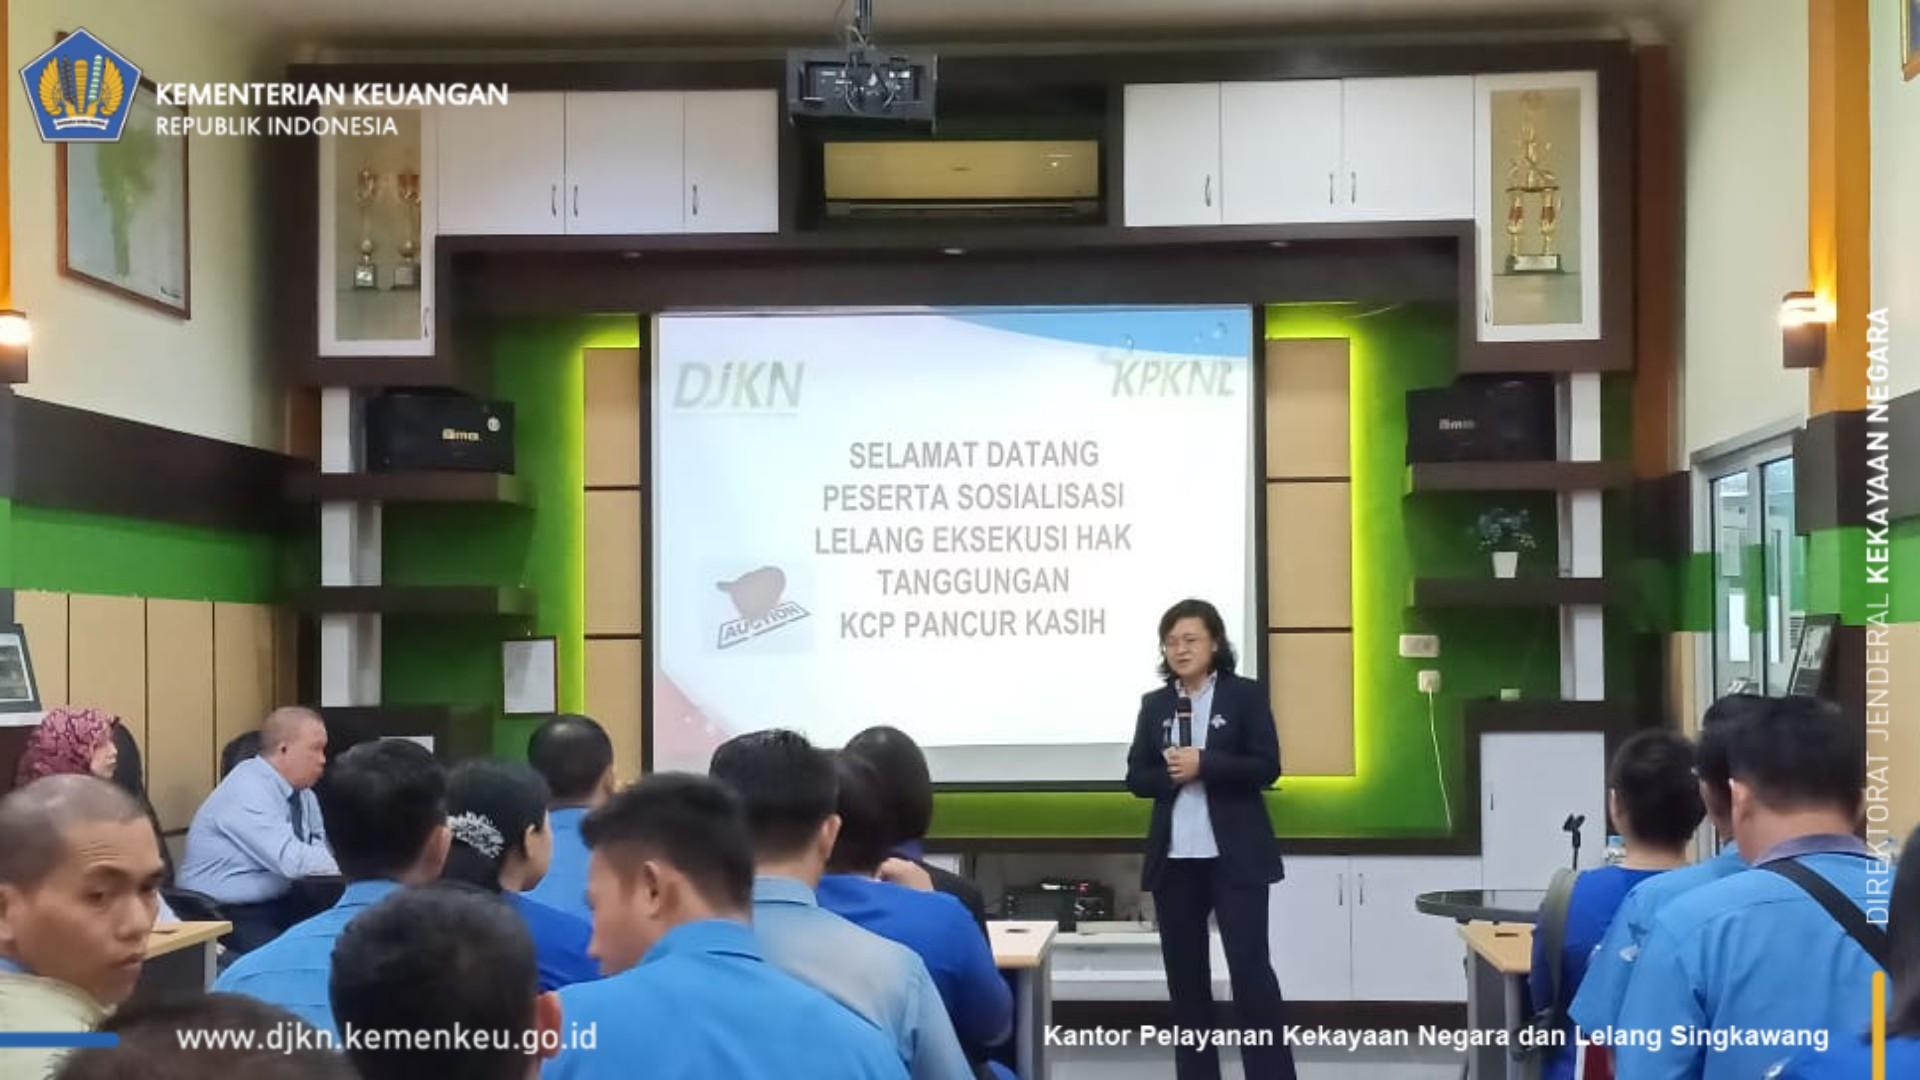 Sosialisasi Lelang Eksekusi Hak Tanggungan (HT) Bagi KSP Pancur Kasih Se-Kalimantan Barat